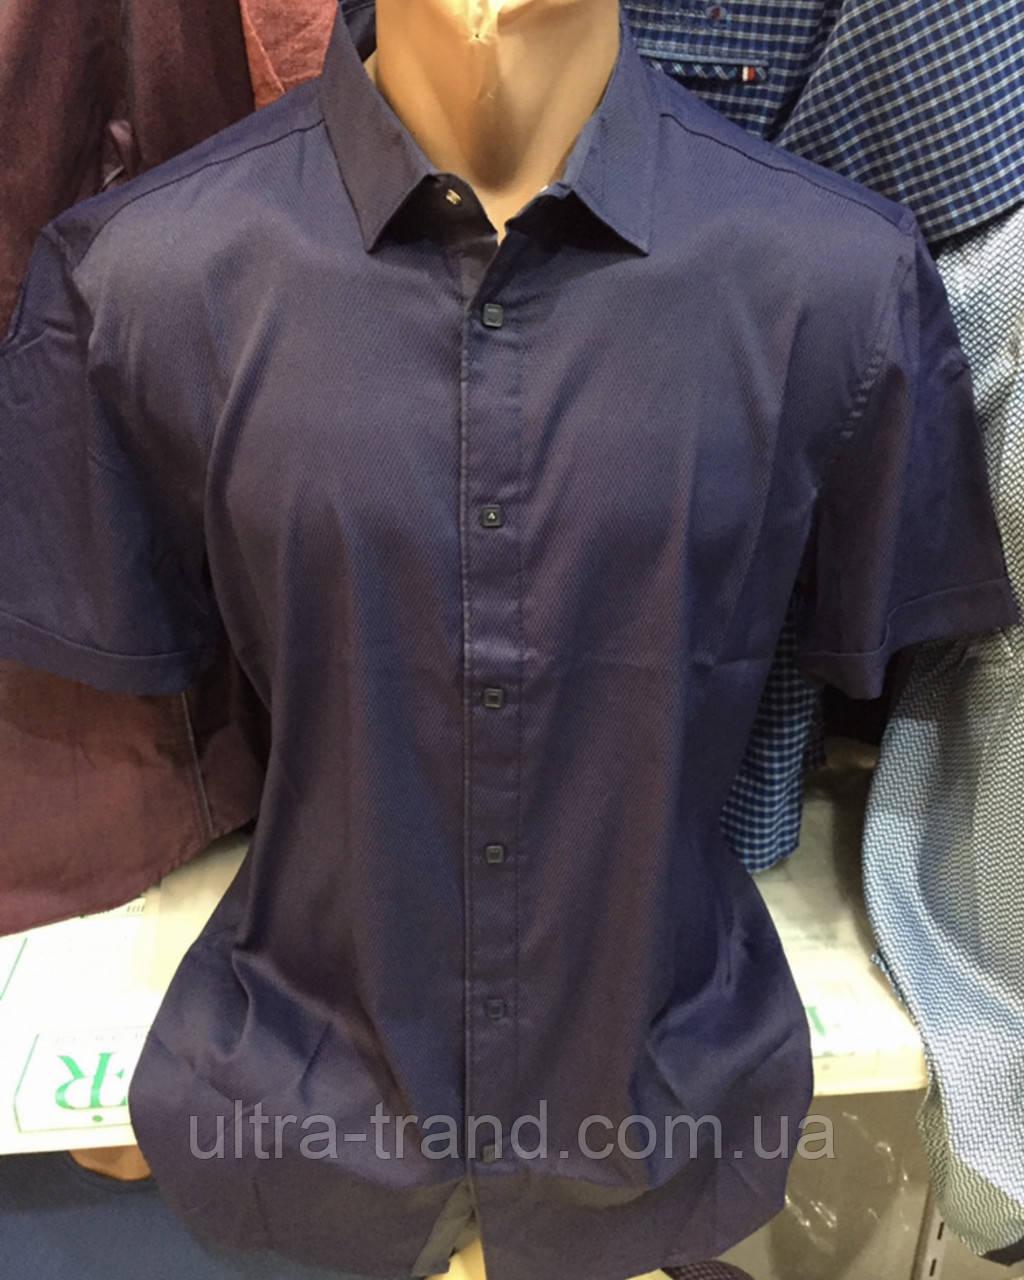 Стильные качественные однотонные турецкие мужские рубашки сорочки Amato